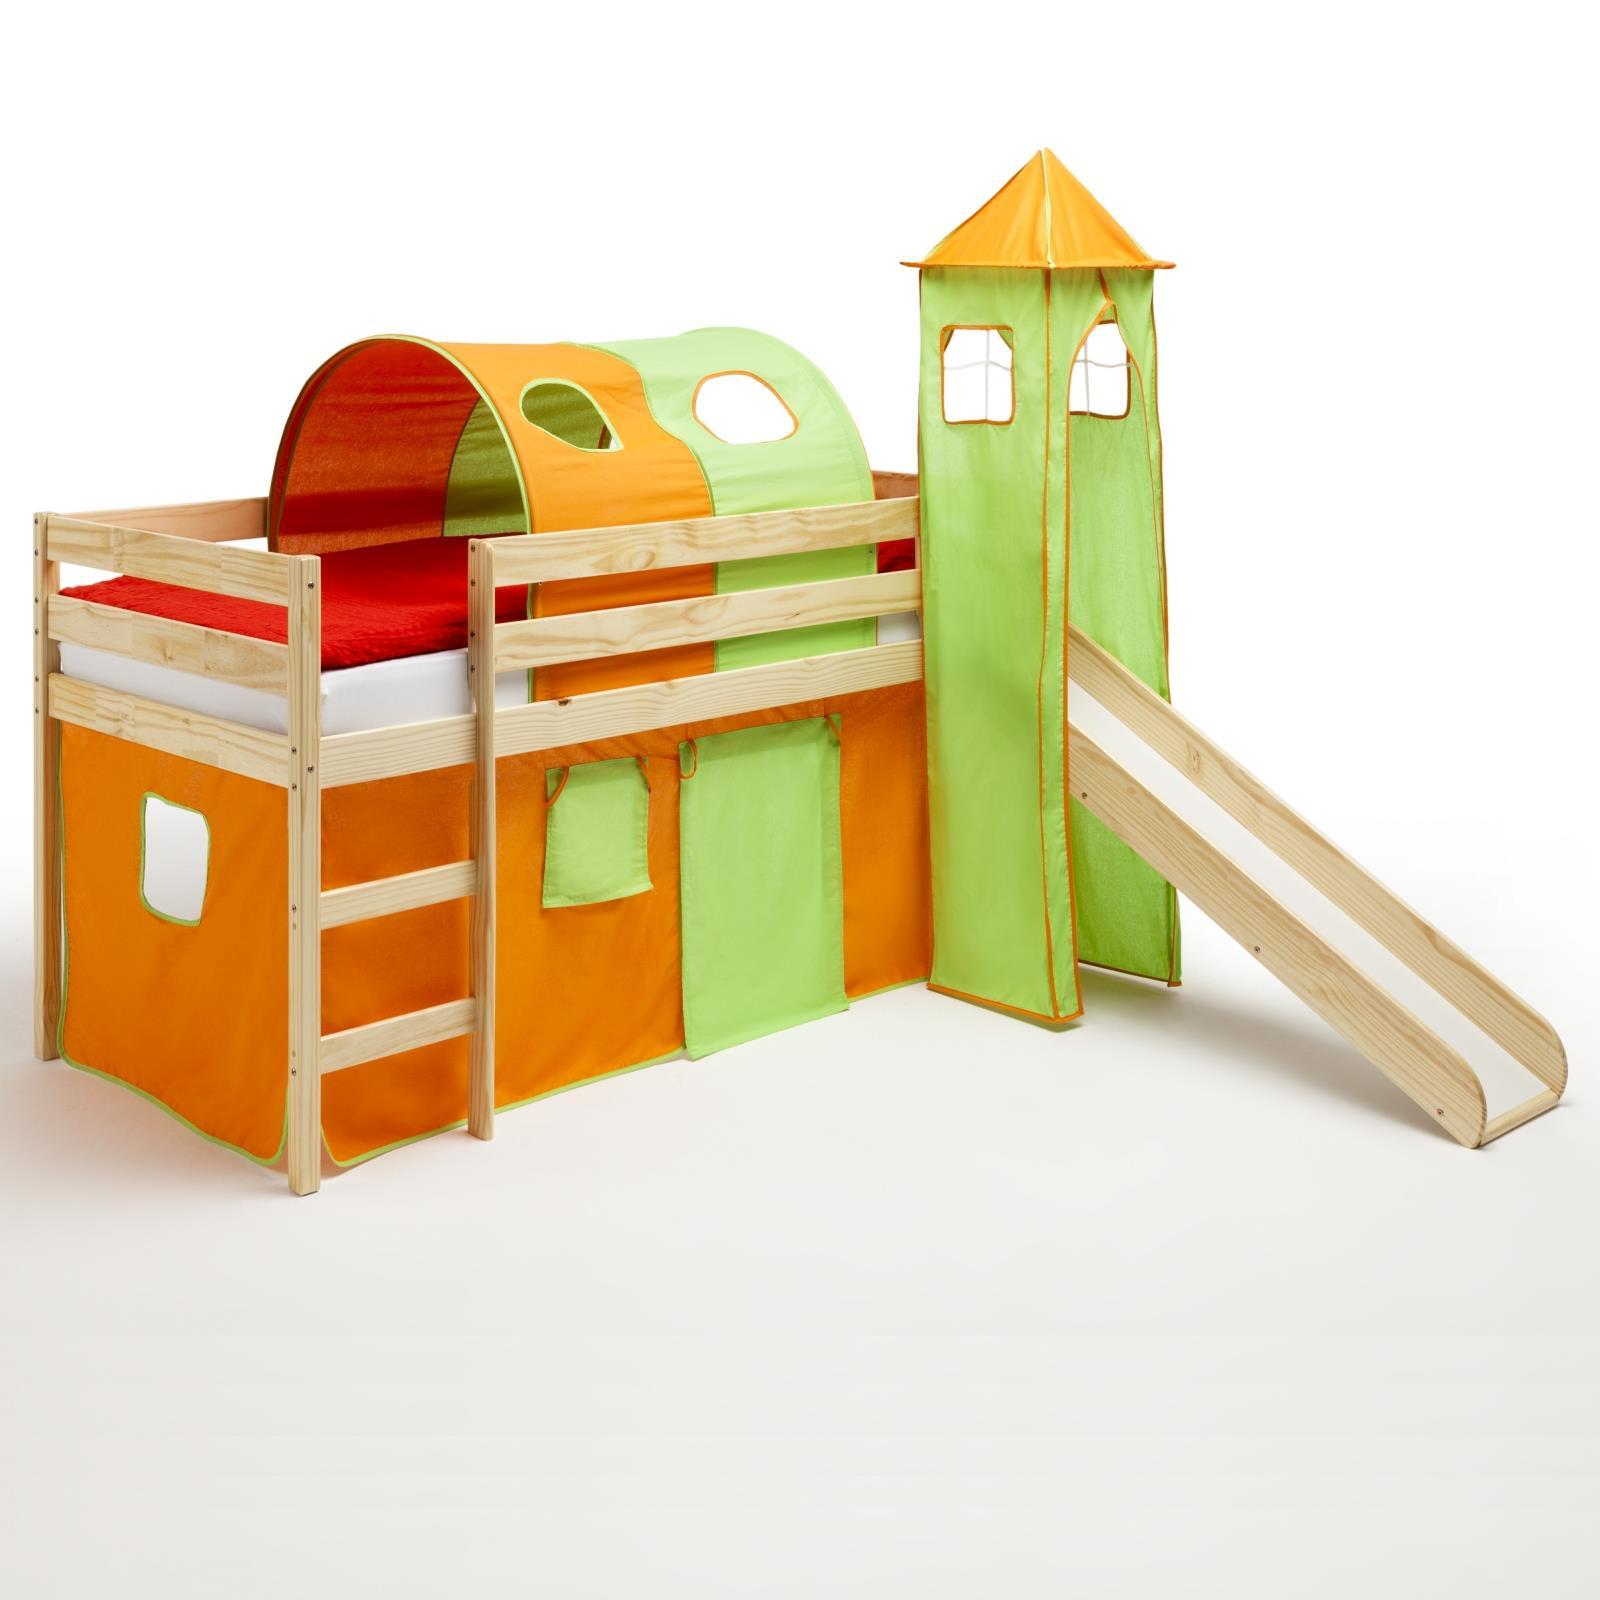 Vorhang Kinderzimmer Orange : Rutschbett Tunnel Turm Vorhang orangegrün  CAROMöbel